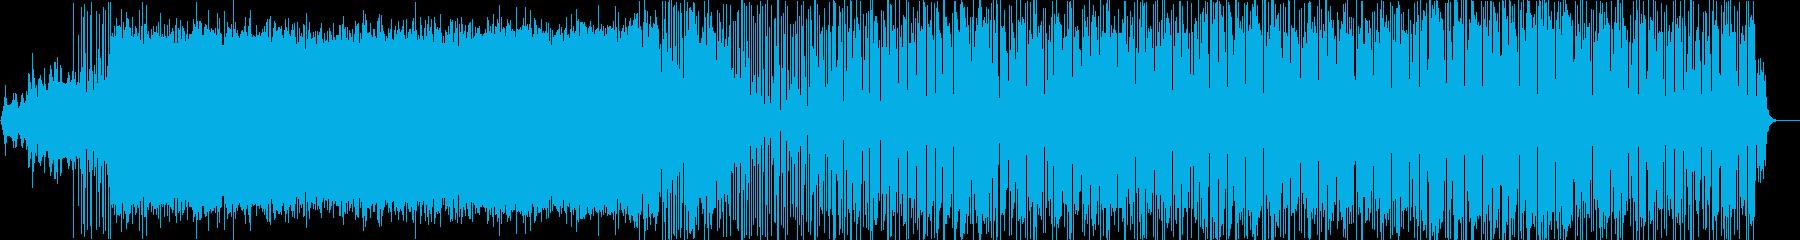 コンガやタブラで大陸的なグルーヴものの再生済みの波形